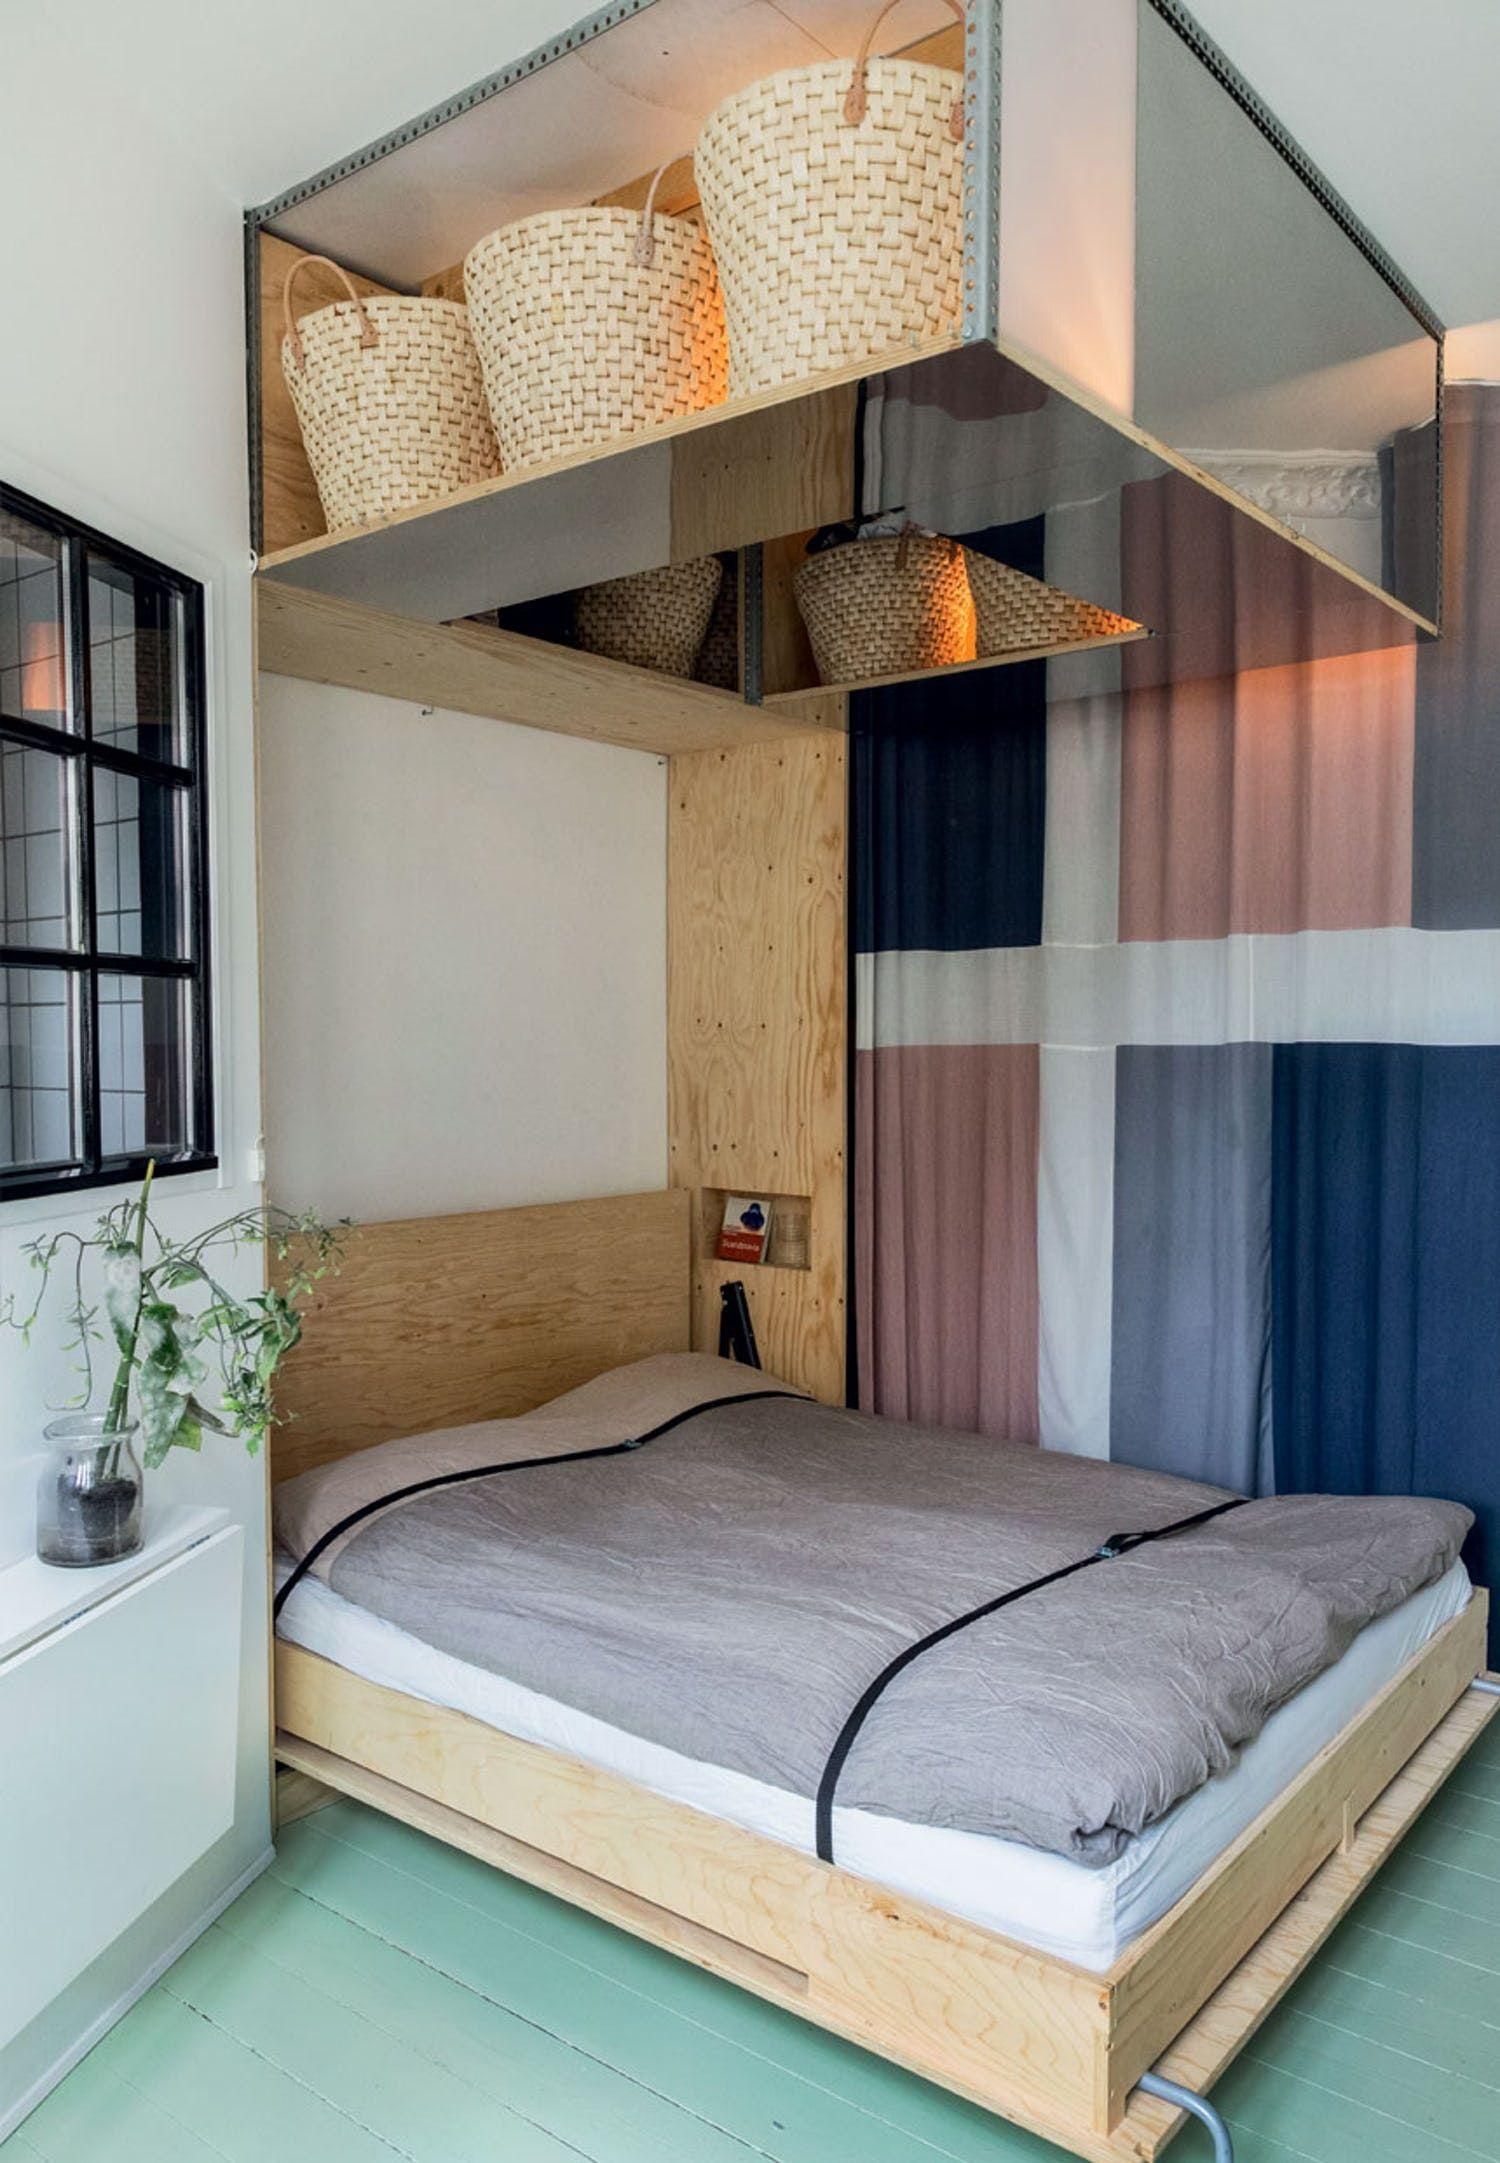 Multifunktionelt Familiehjem Pa Osterbro Indretning Sma Lejligheder Sovevaerelsesdesign Minimalistisk Sovevaerelse